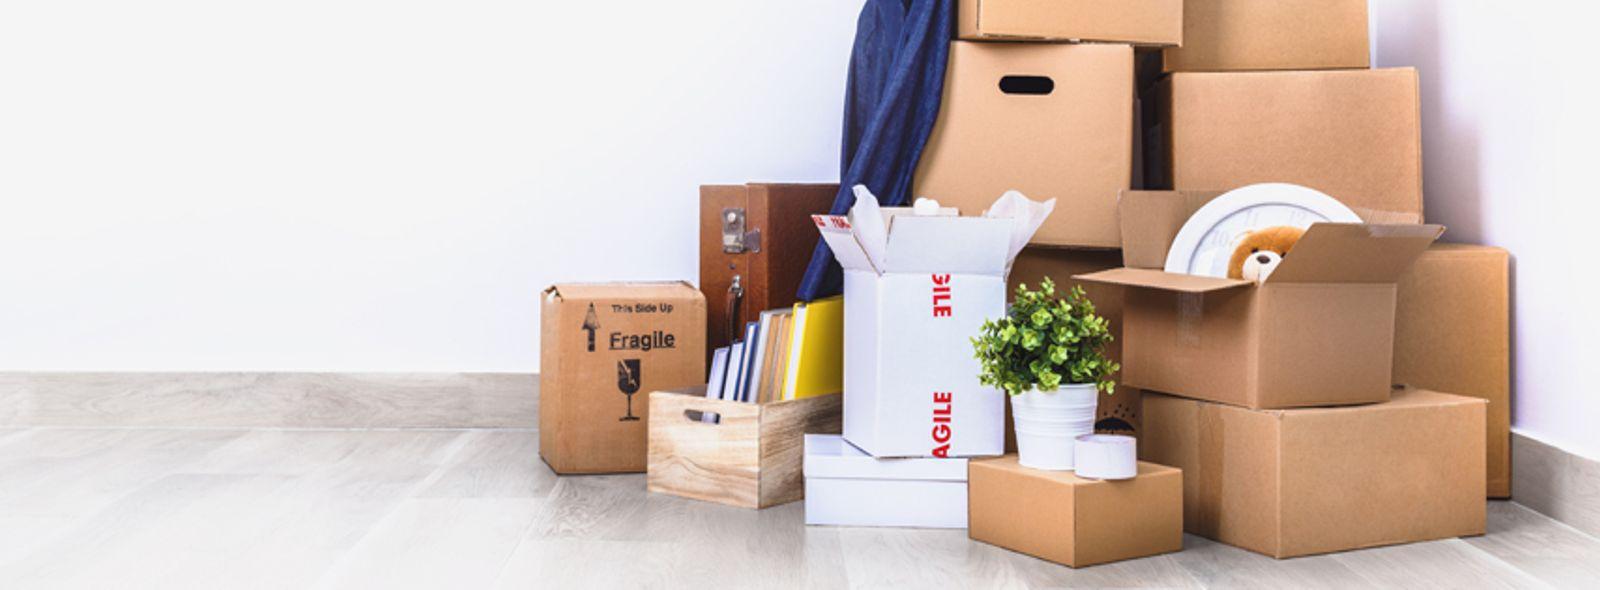 Come fare pacchi per trasloco